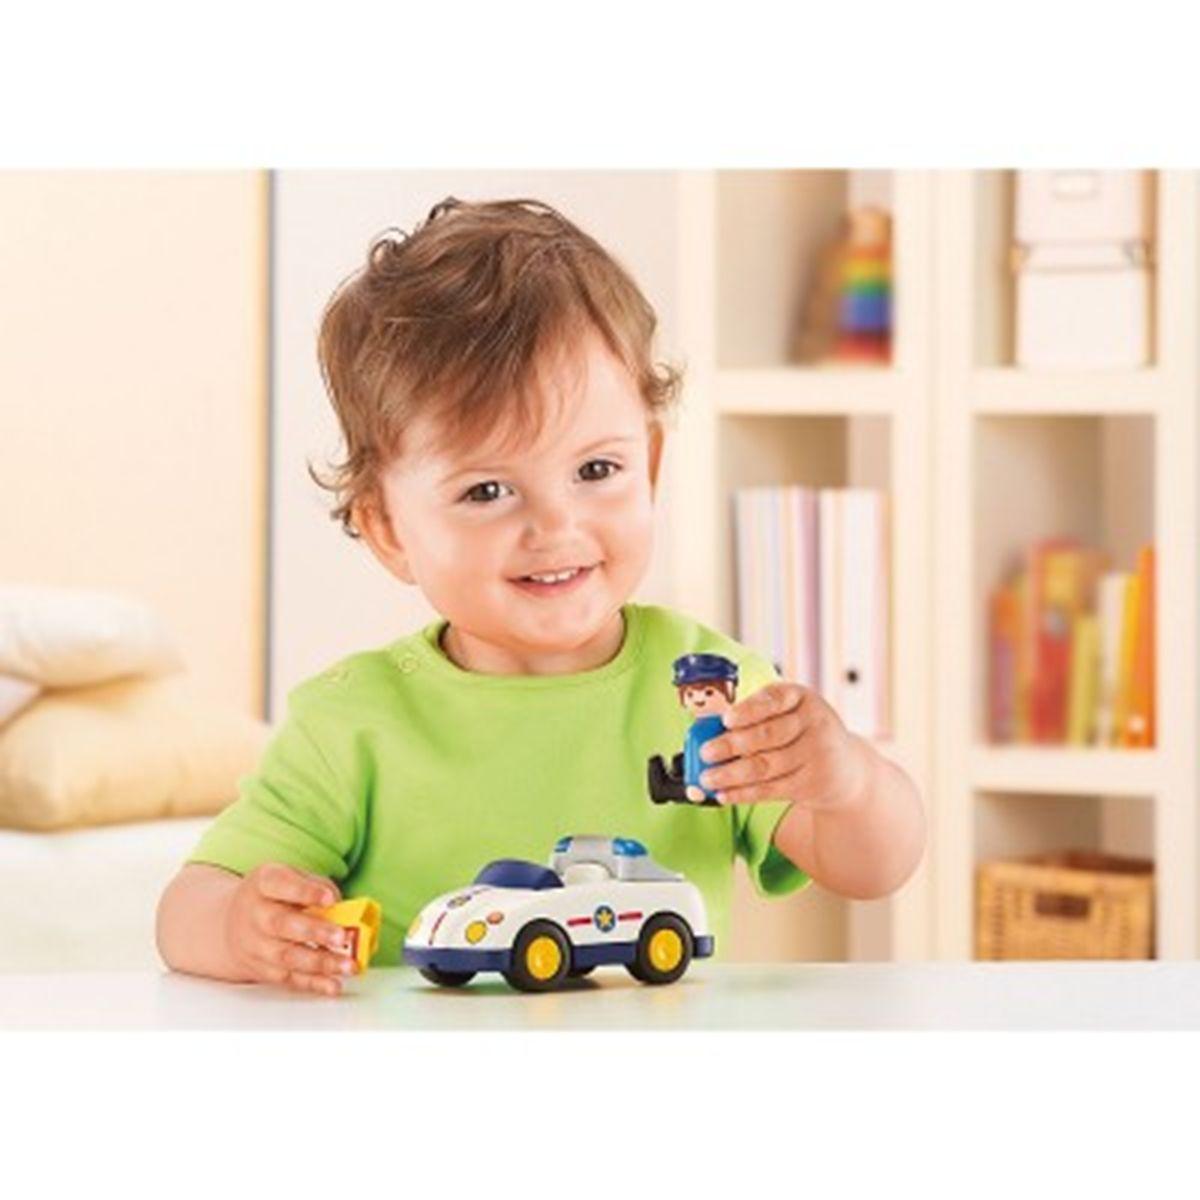 Playmobil Et Figurines Voiture 6797 Véhicules Policier La kiXuPZ